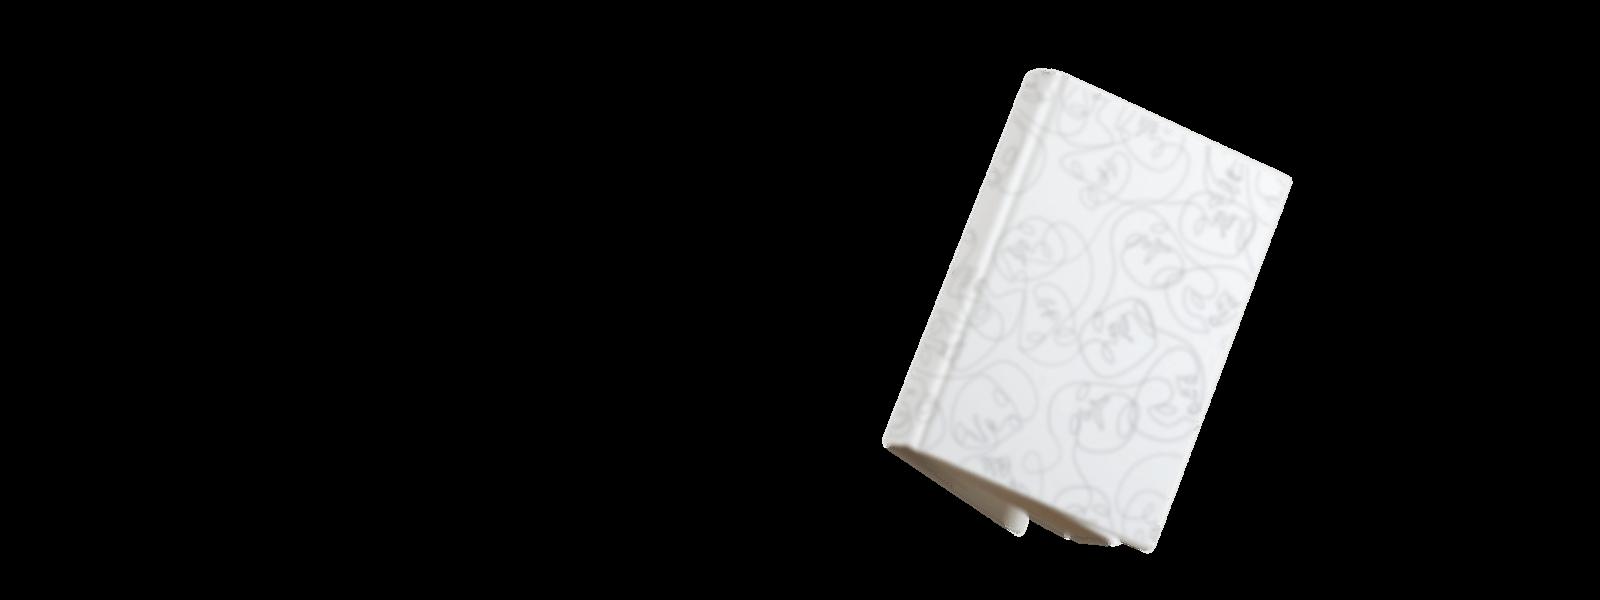 لایه سوم اسلاید انجمن هنرهای نمایشی ایران، هویت بصری انجمن هنرهای نمایشی ایران، طراحی لوگو، طراحی لوگوتایپ، شرکت تبلیغاتی الف، طراحی هویت بصری